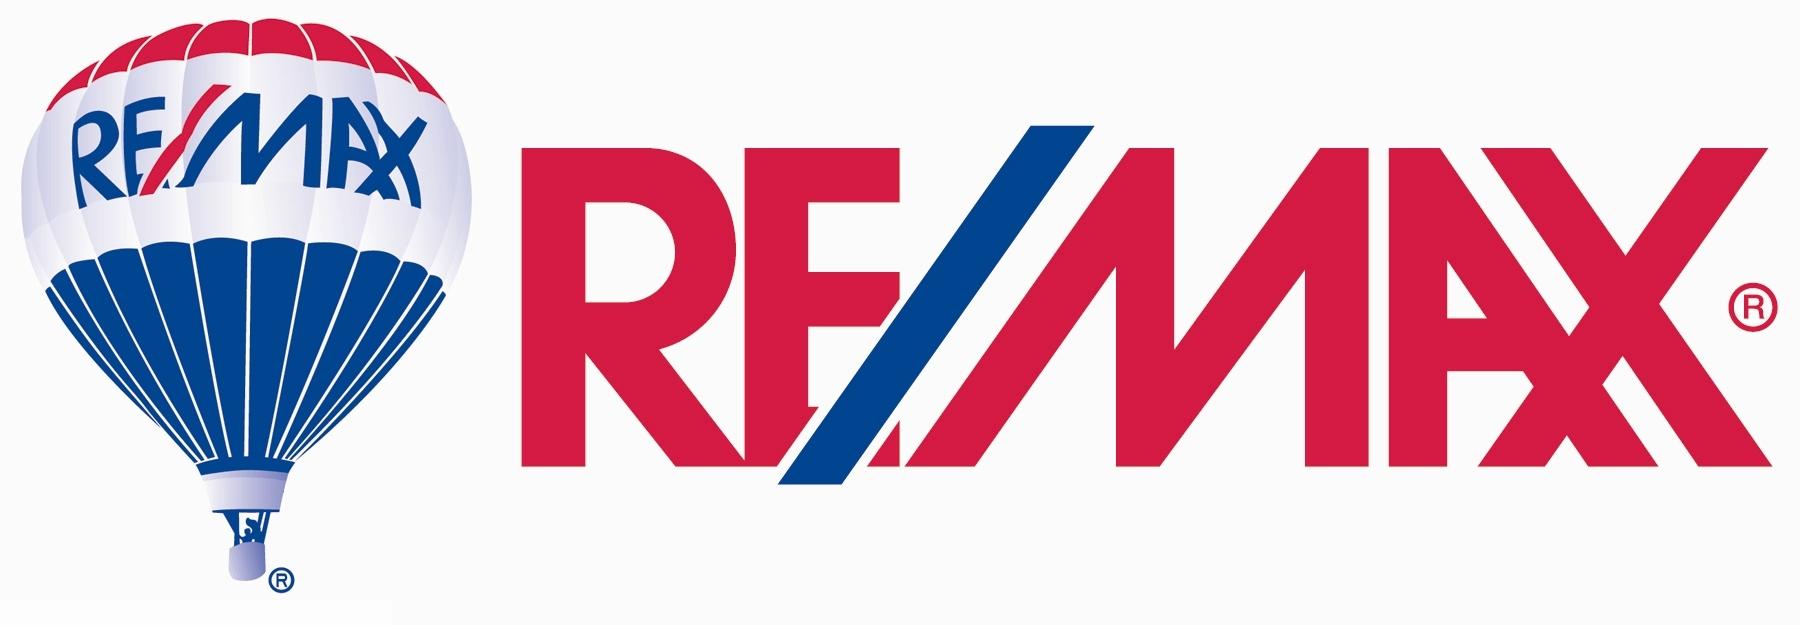 Em média, os vendedores REMAX vendem mais que qualquer outro agente imobiliário.